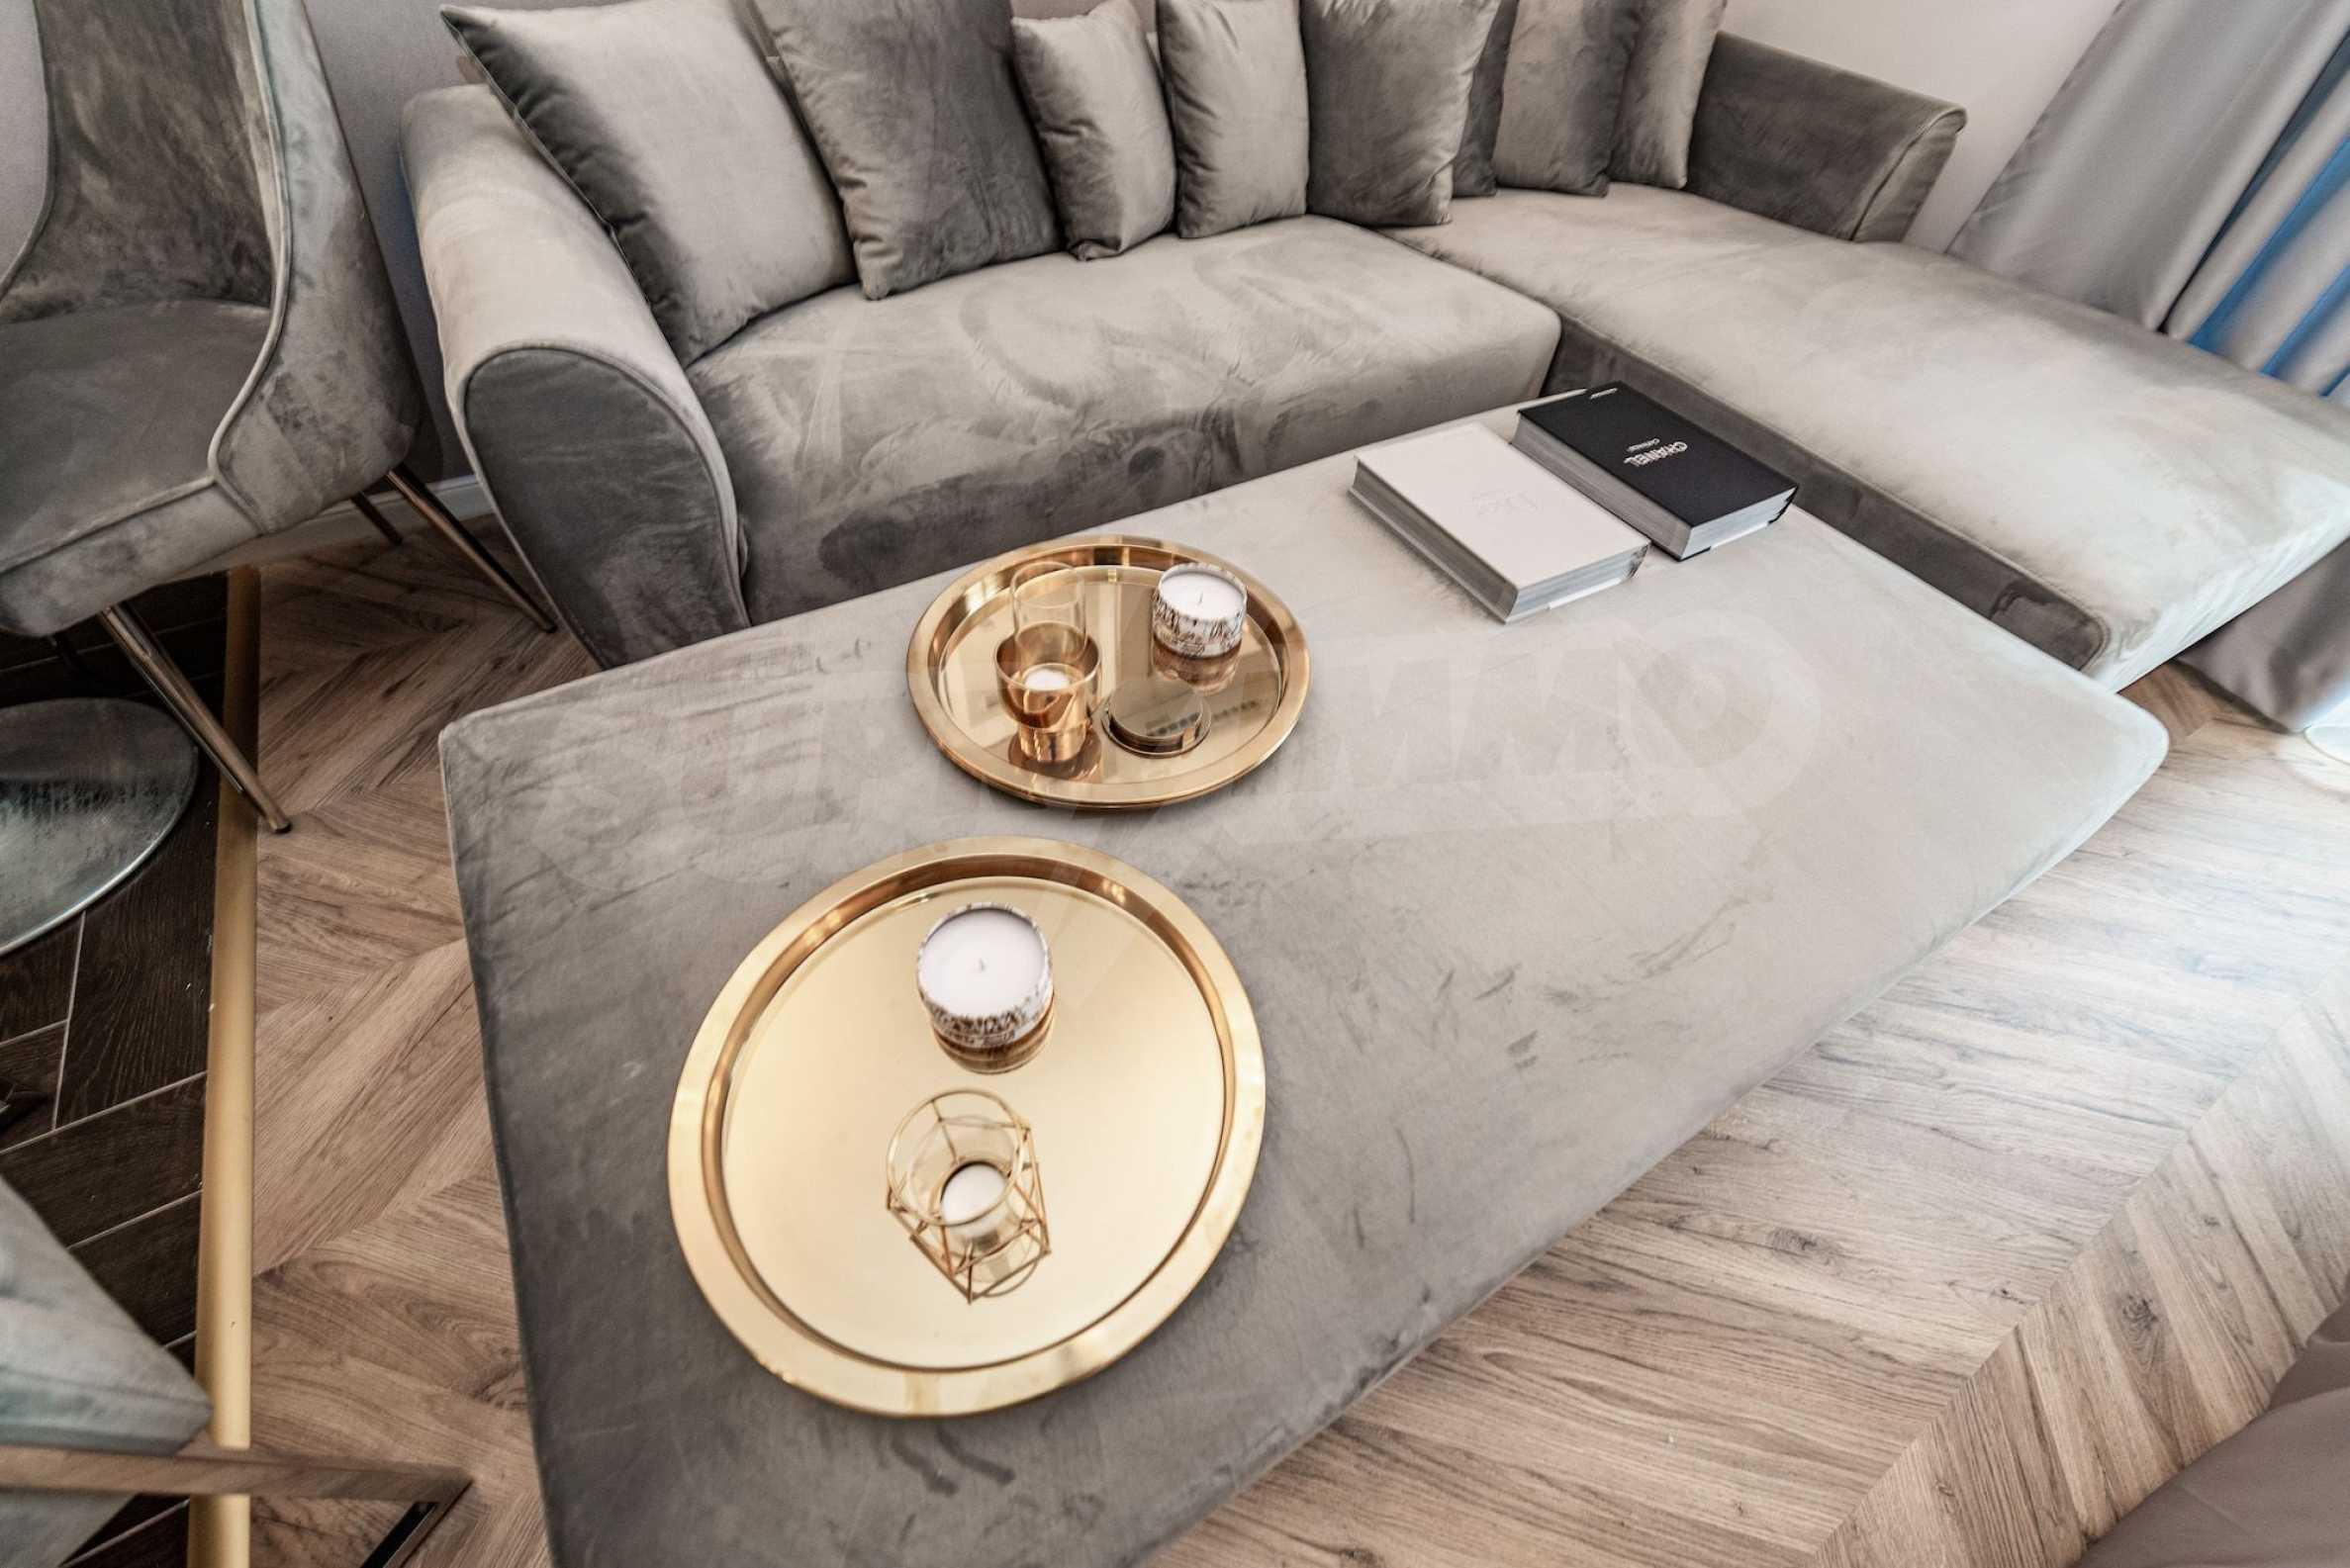 Erstklassige Apartments  zum TOP-Preis ab 890 €/m² im Komplex im Stil der französischen Renaissance (Akt 16) 3